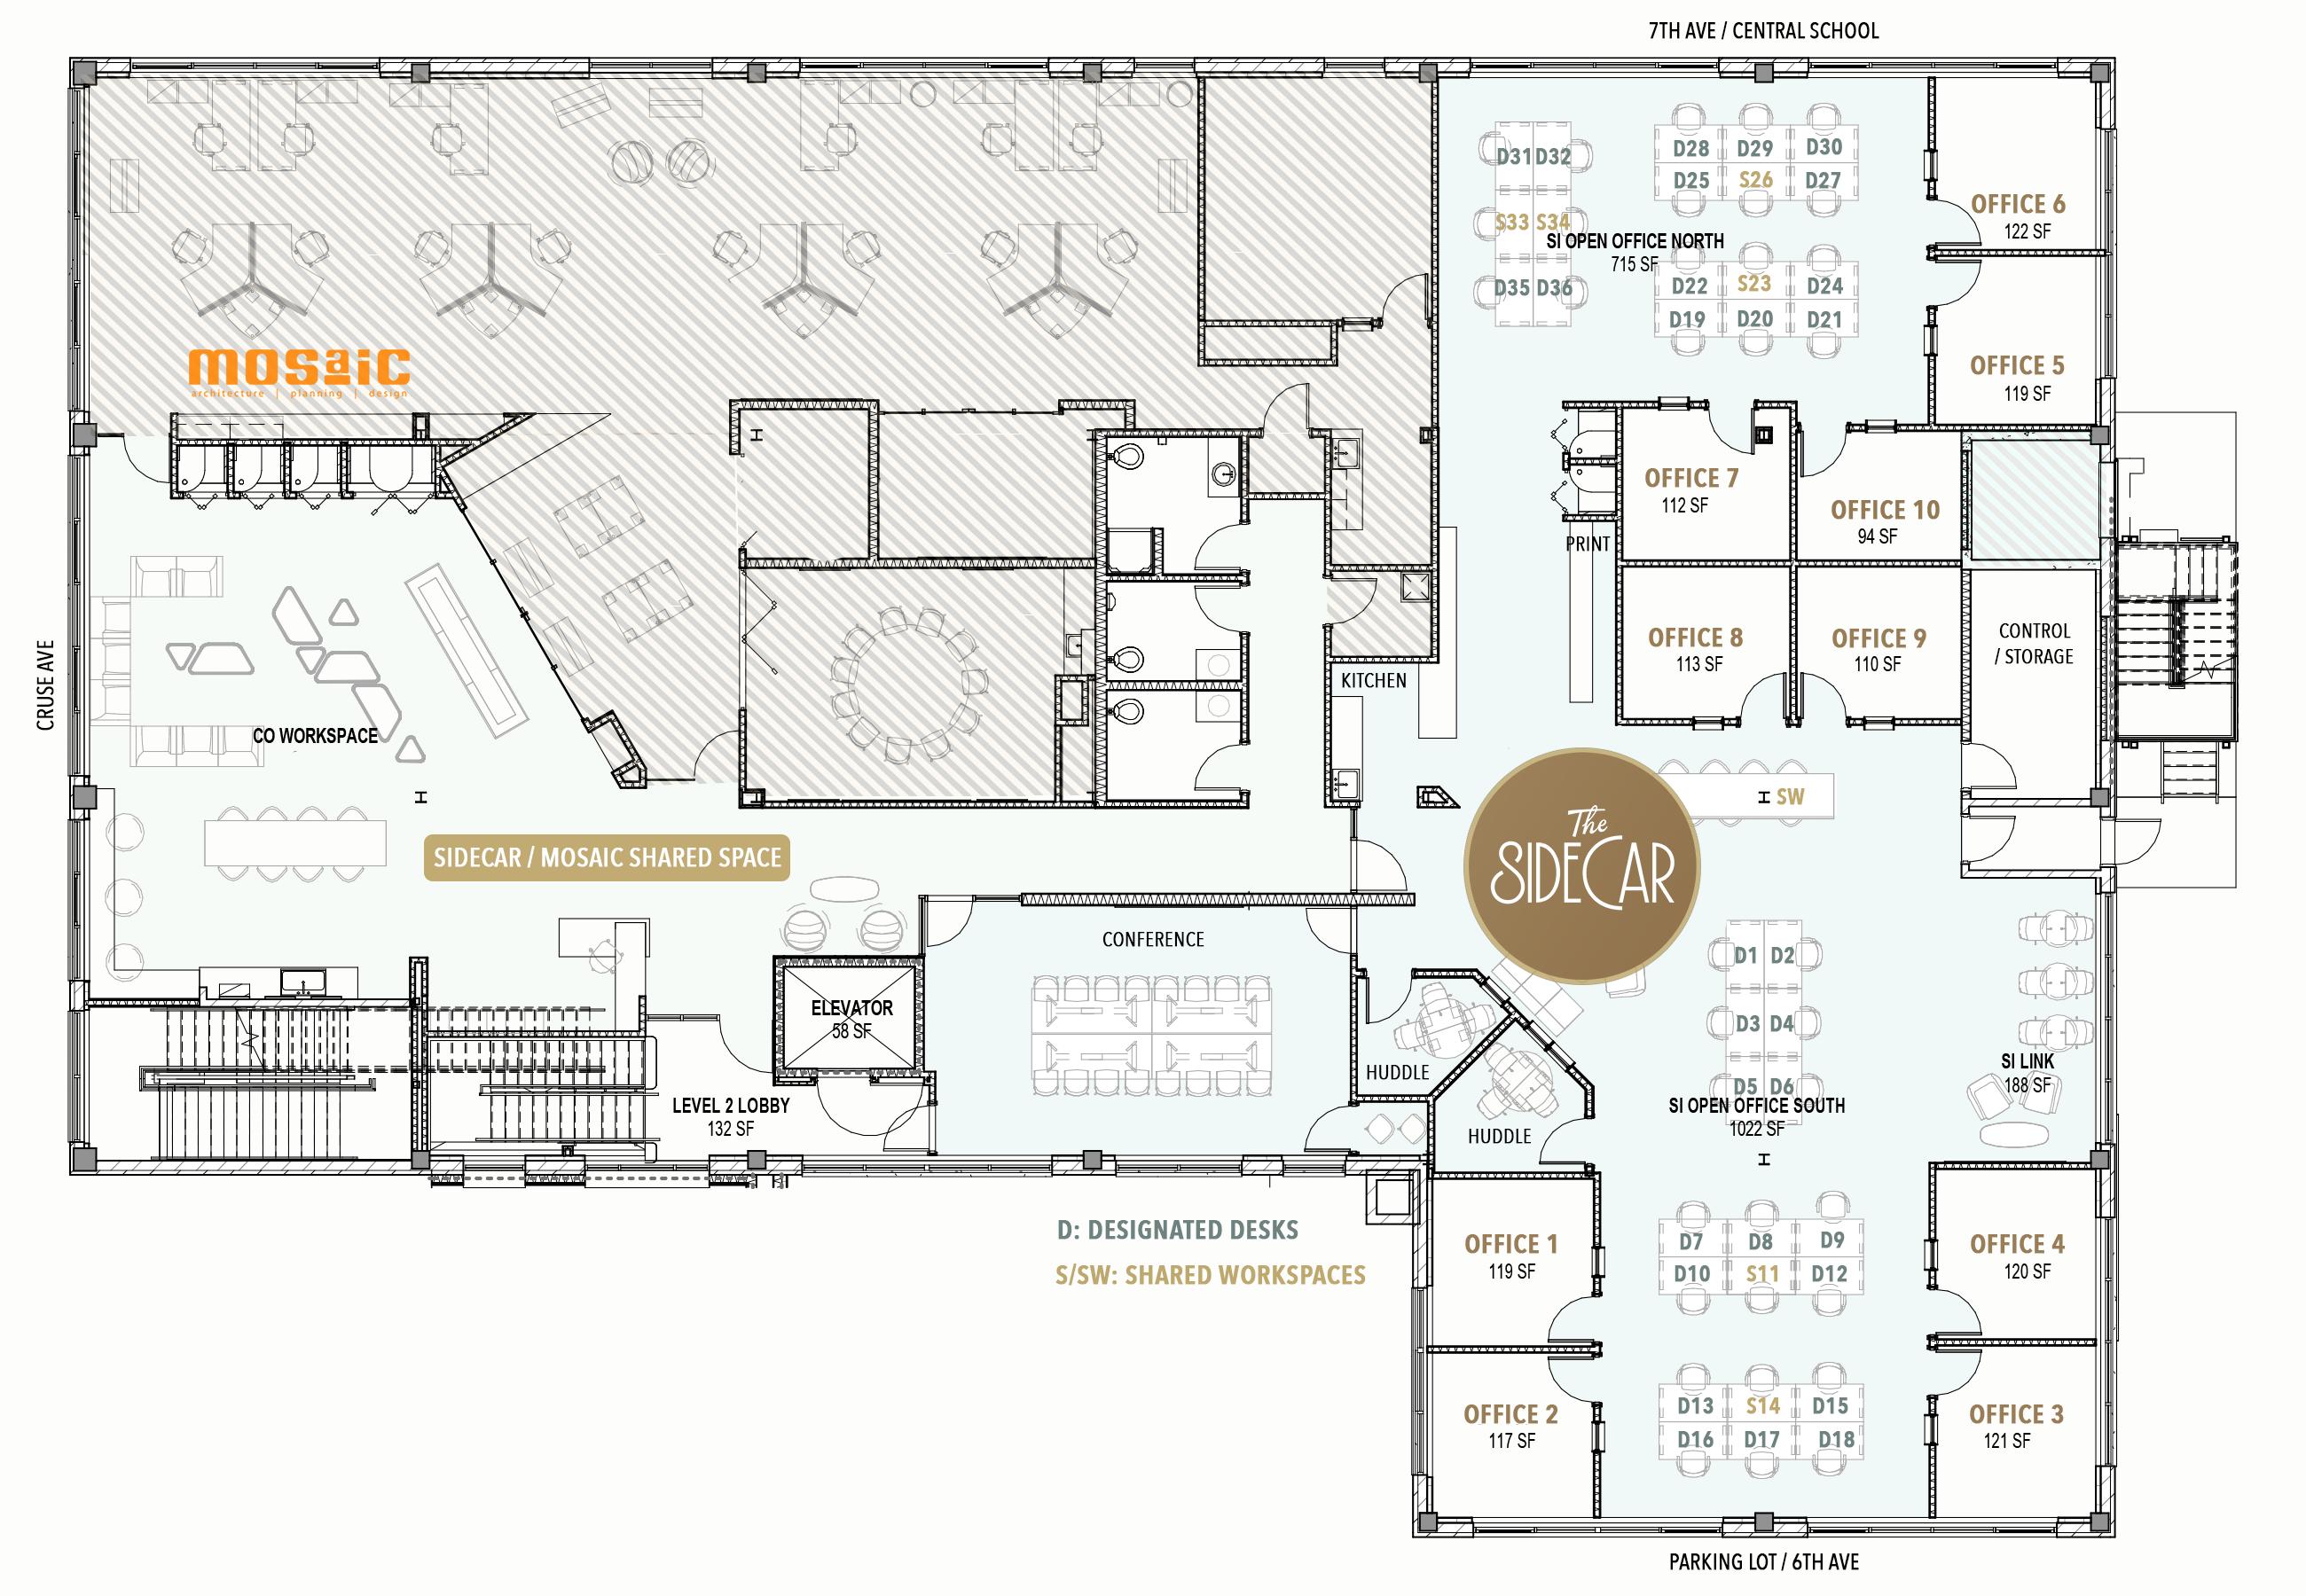 The Independent Floor Plan